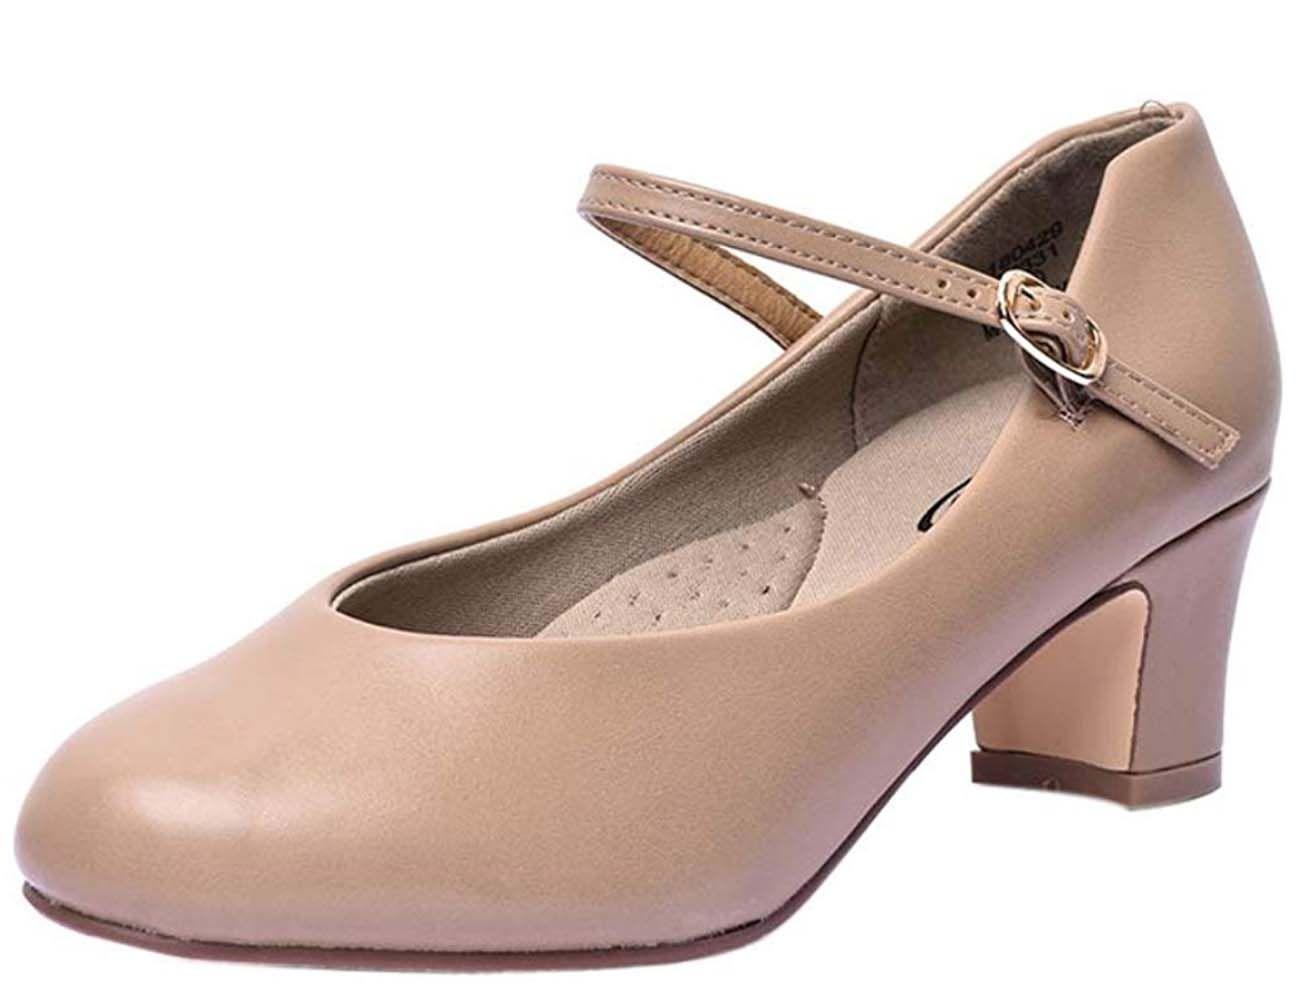 Топ-качества Женщины Мужчины кроссовки Speed Trainer Low-Cut Мода Flat Носок Ботинки Повседневная обувь Speed Trainer Полуботинки shoe008 PHX220